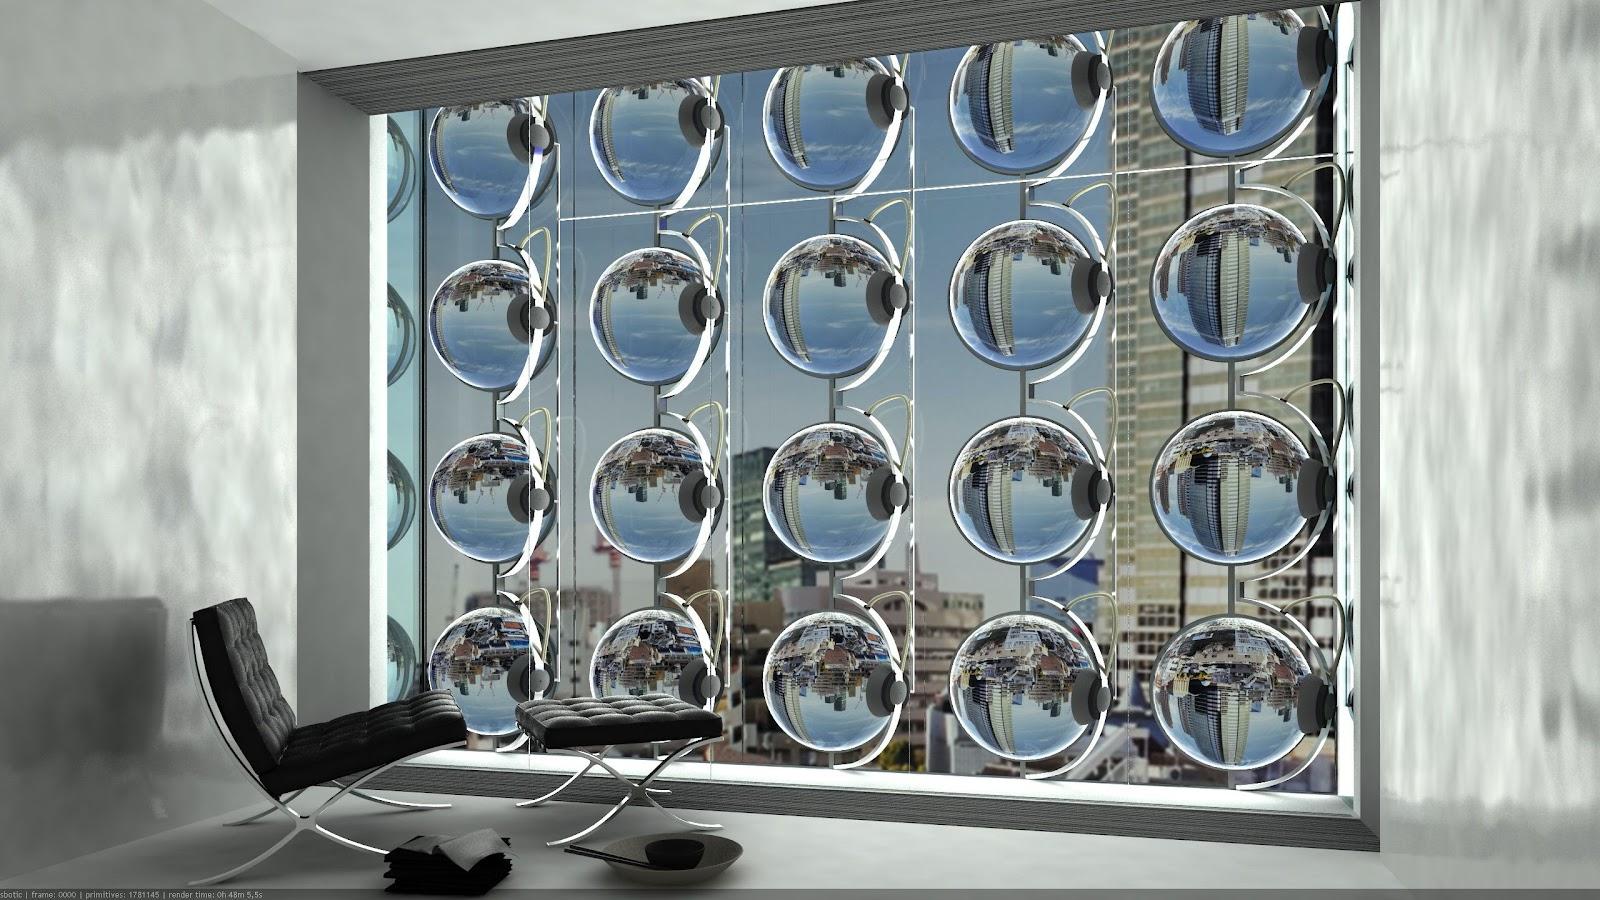 placas-solares-esfericas-ventanas